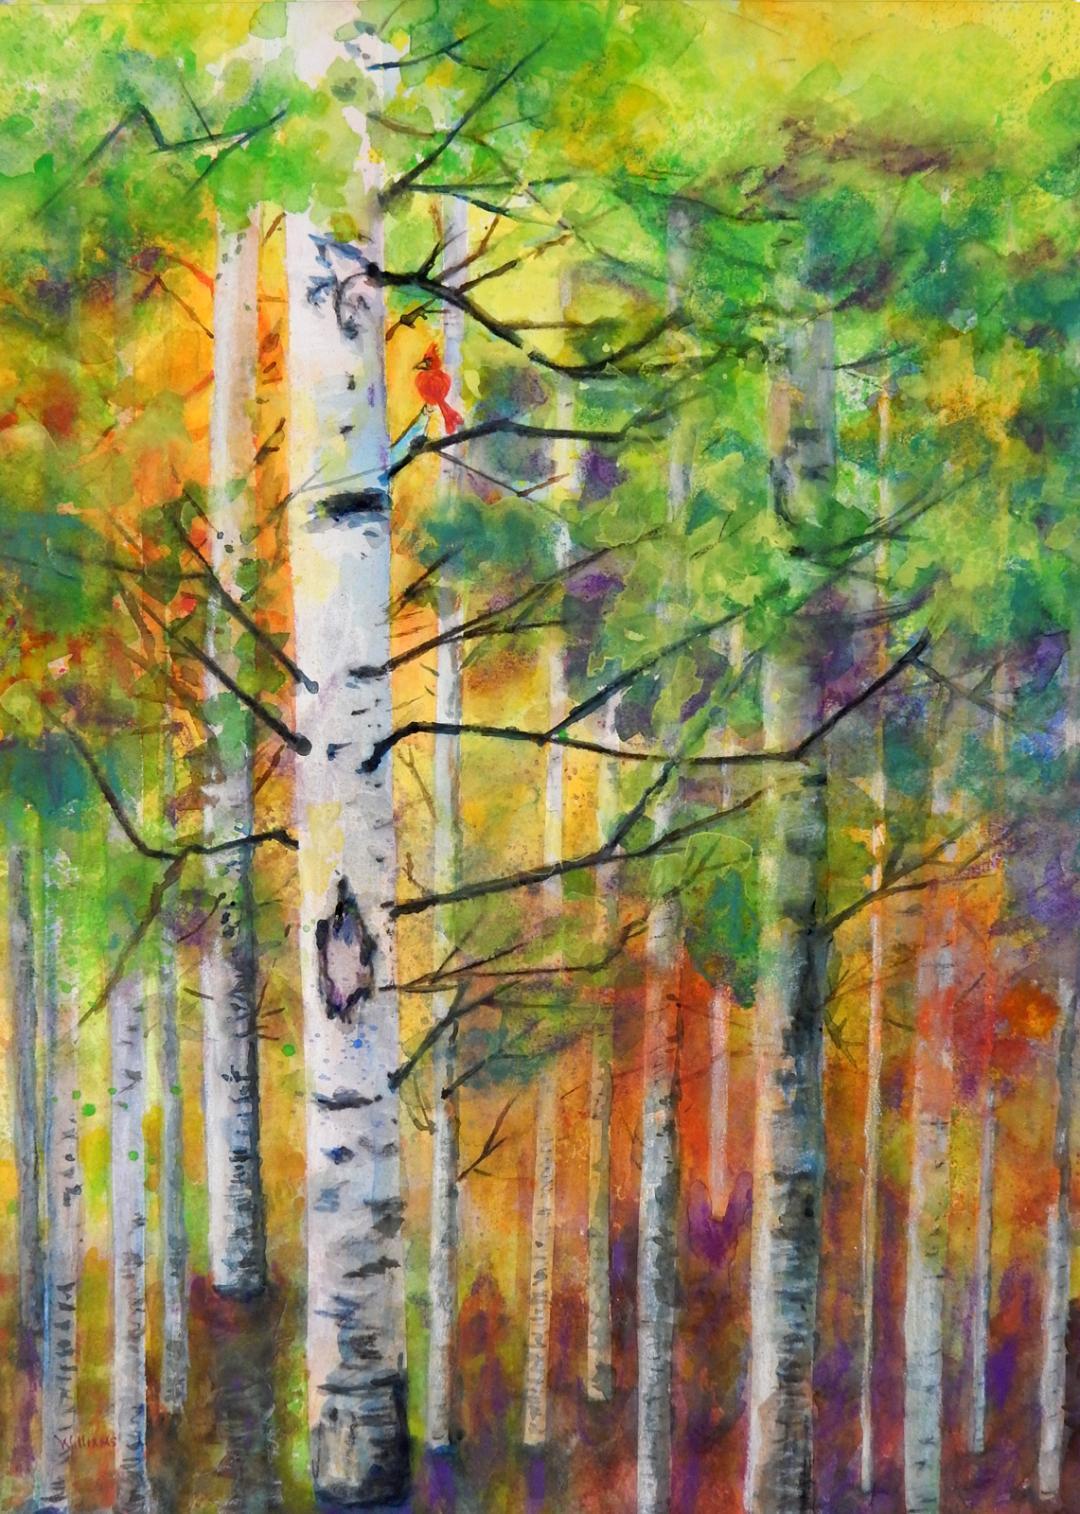 Red Bird in Forest, Nancy Williams